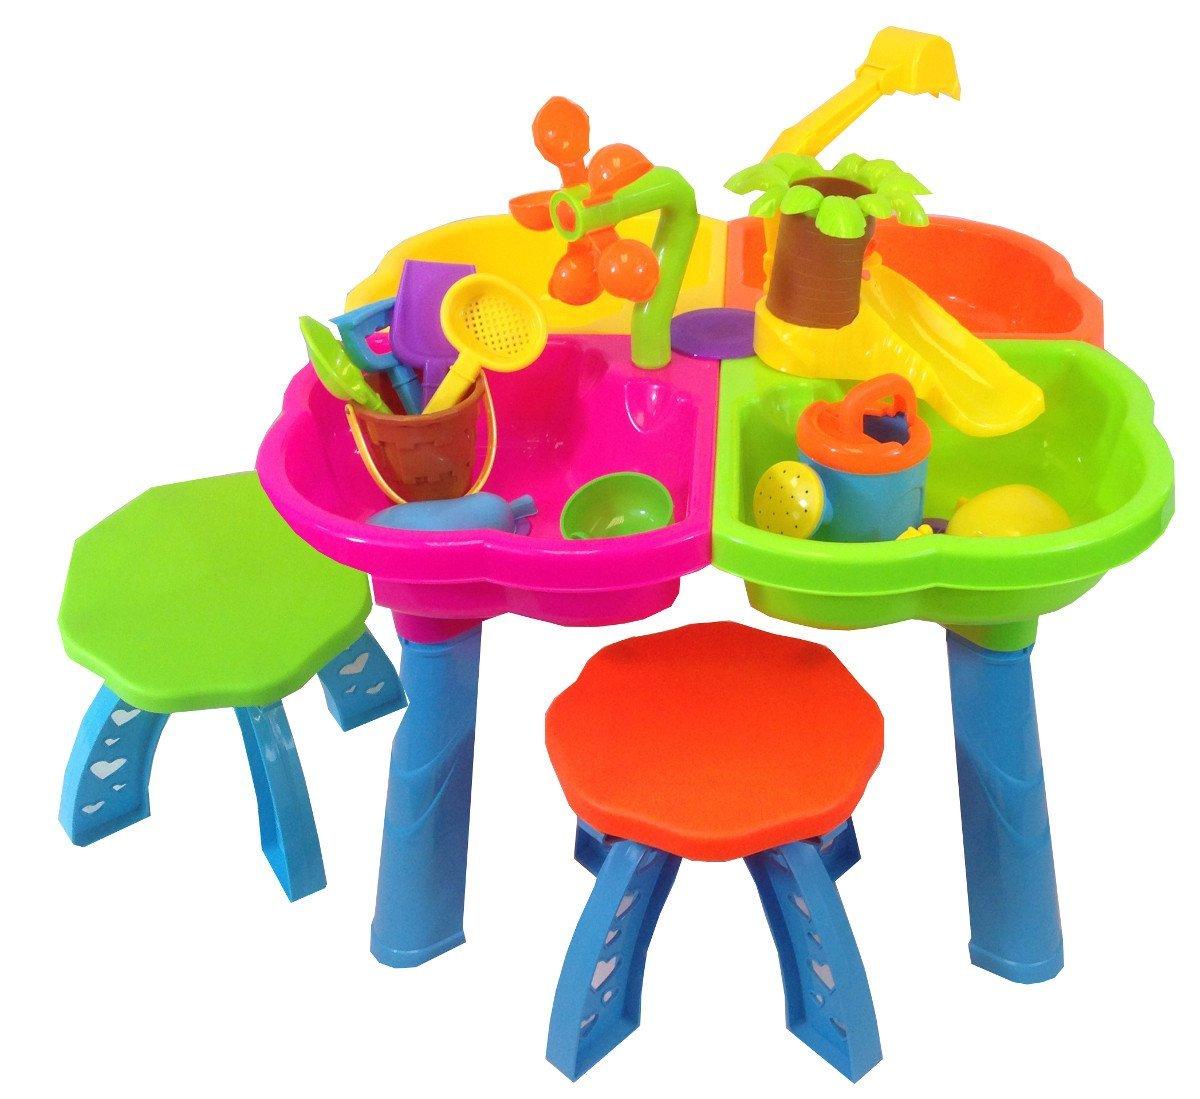 Giochi Per Bambini In Giardino giochi da giardino per bambini: i 10 più belli - nostrofiglio.it